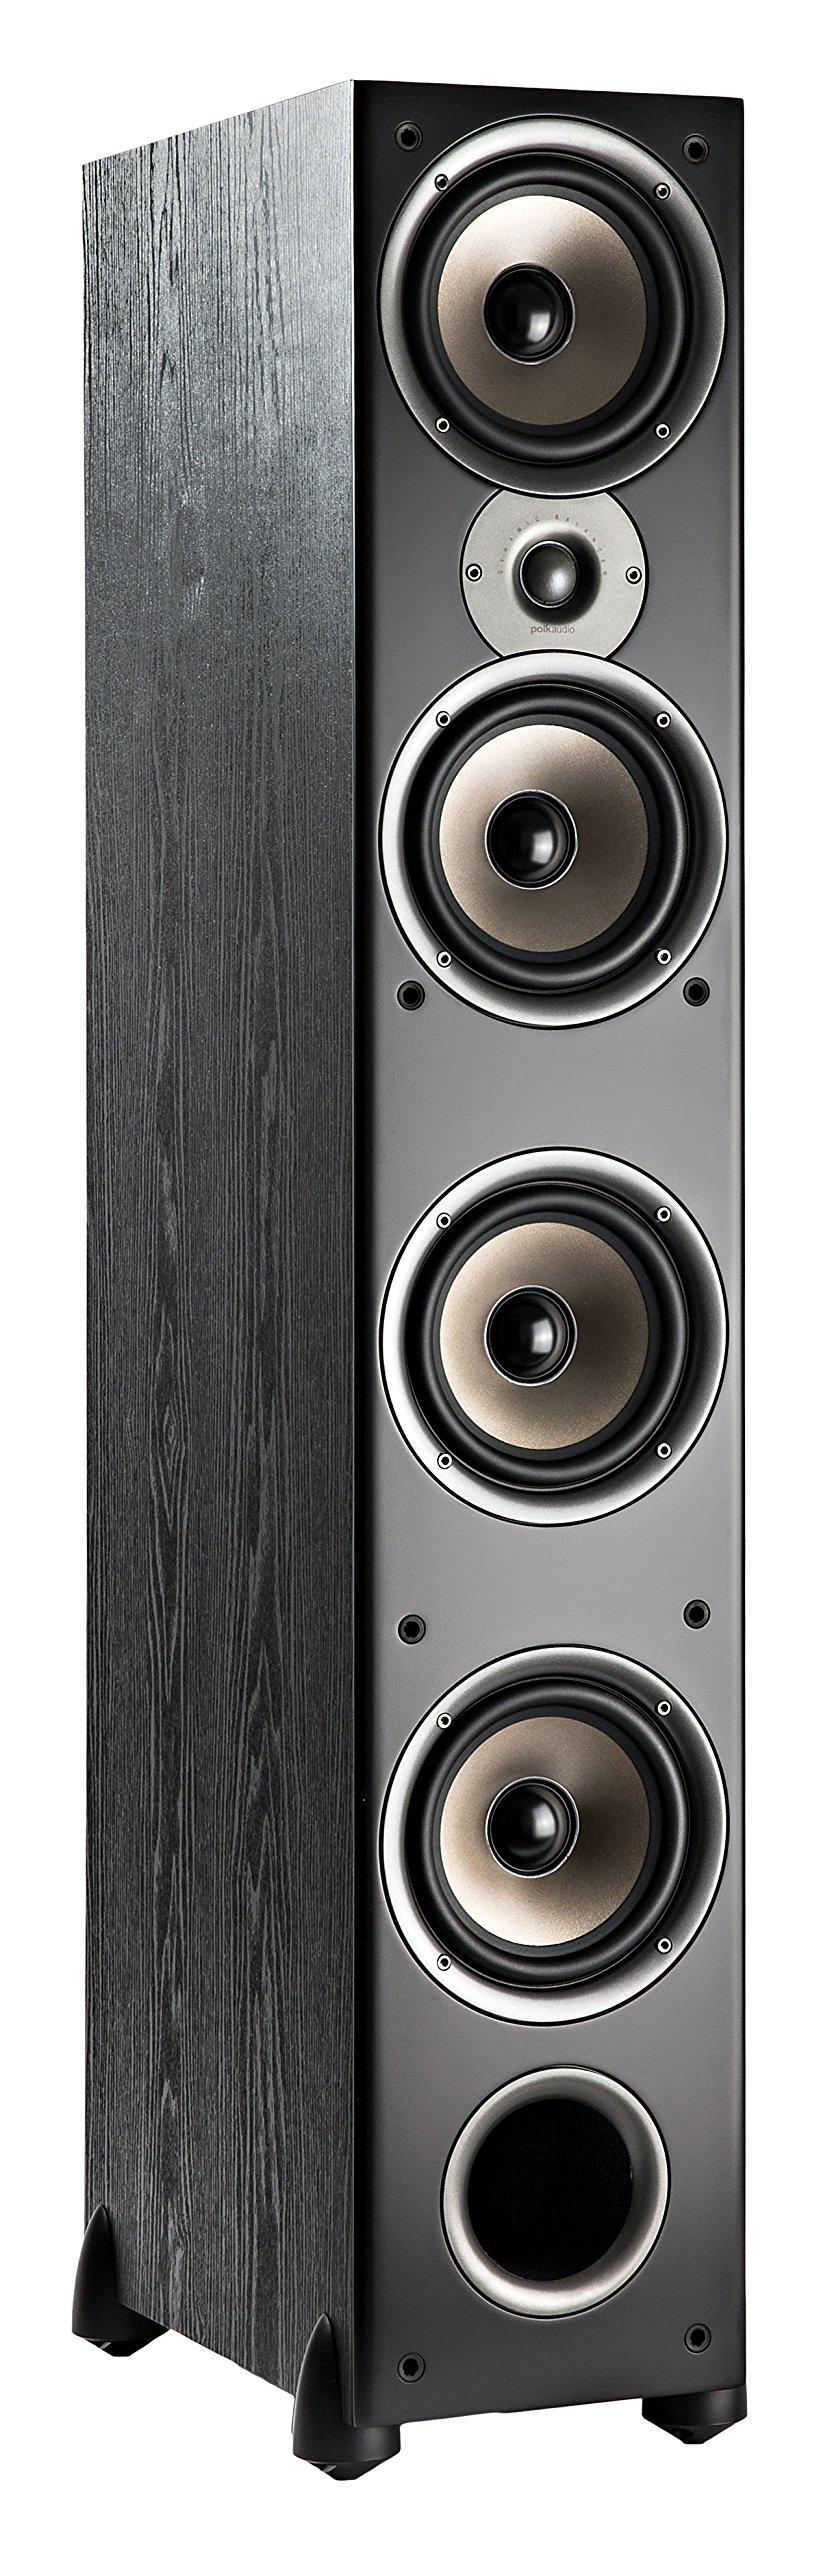 Polk Audio Monitor 70 Series II Floorstanding Speaker - Big Sound, | 1 (1-inch) Tweeter and 4 (6.5-inch) Woofers | Black, Single by Polk Audio